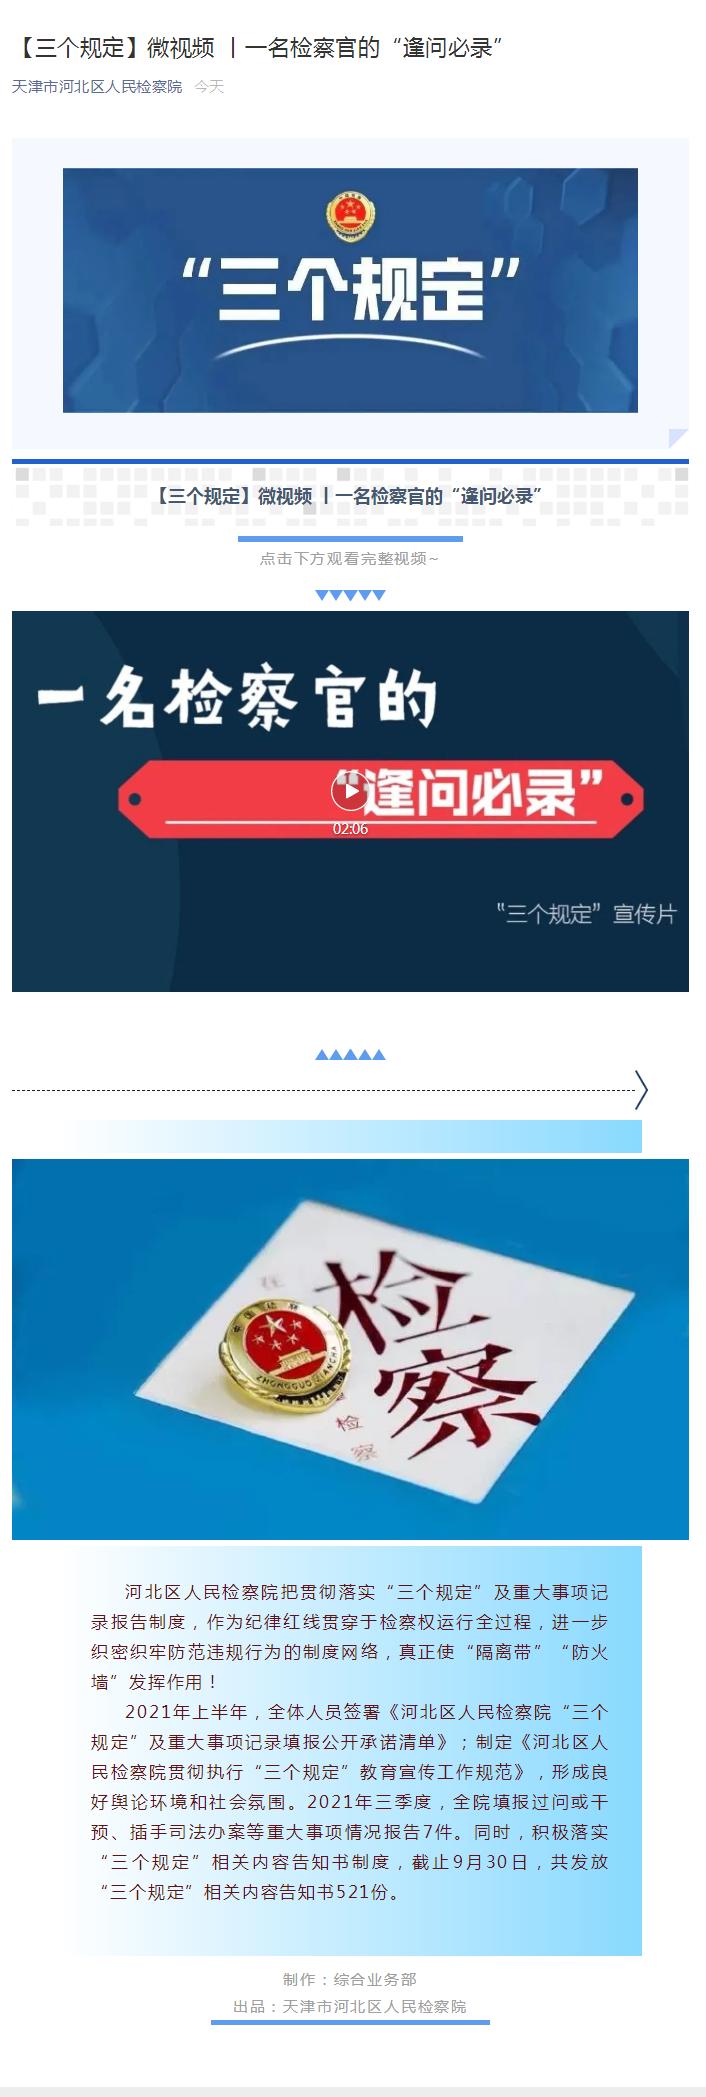 """【三个规定】微视频 丨一名检察官的""""逢问必录"""""""